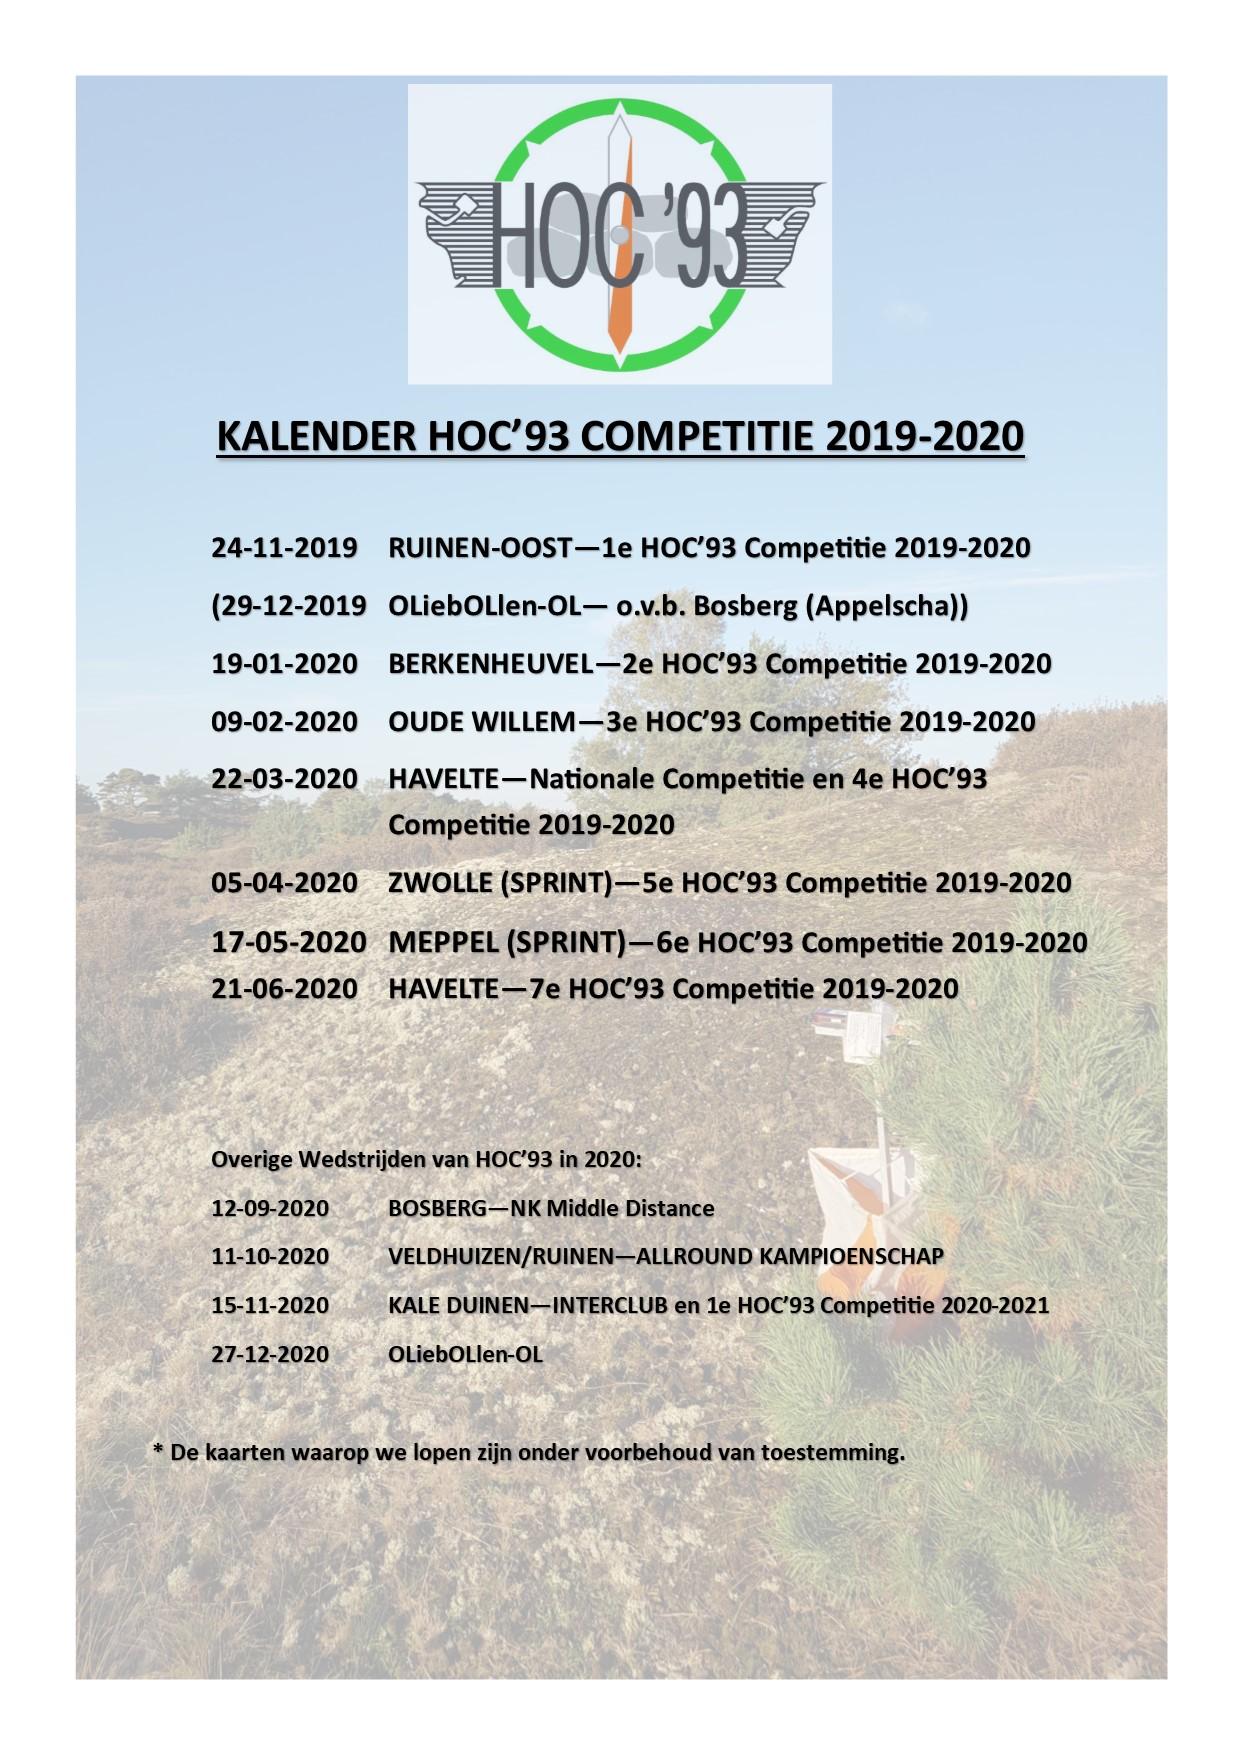 De HOC'93 Competitie 2019-2020 in één opslag incl. de overige wedstrijden in 2020.